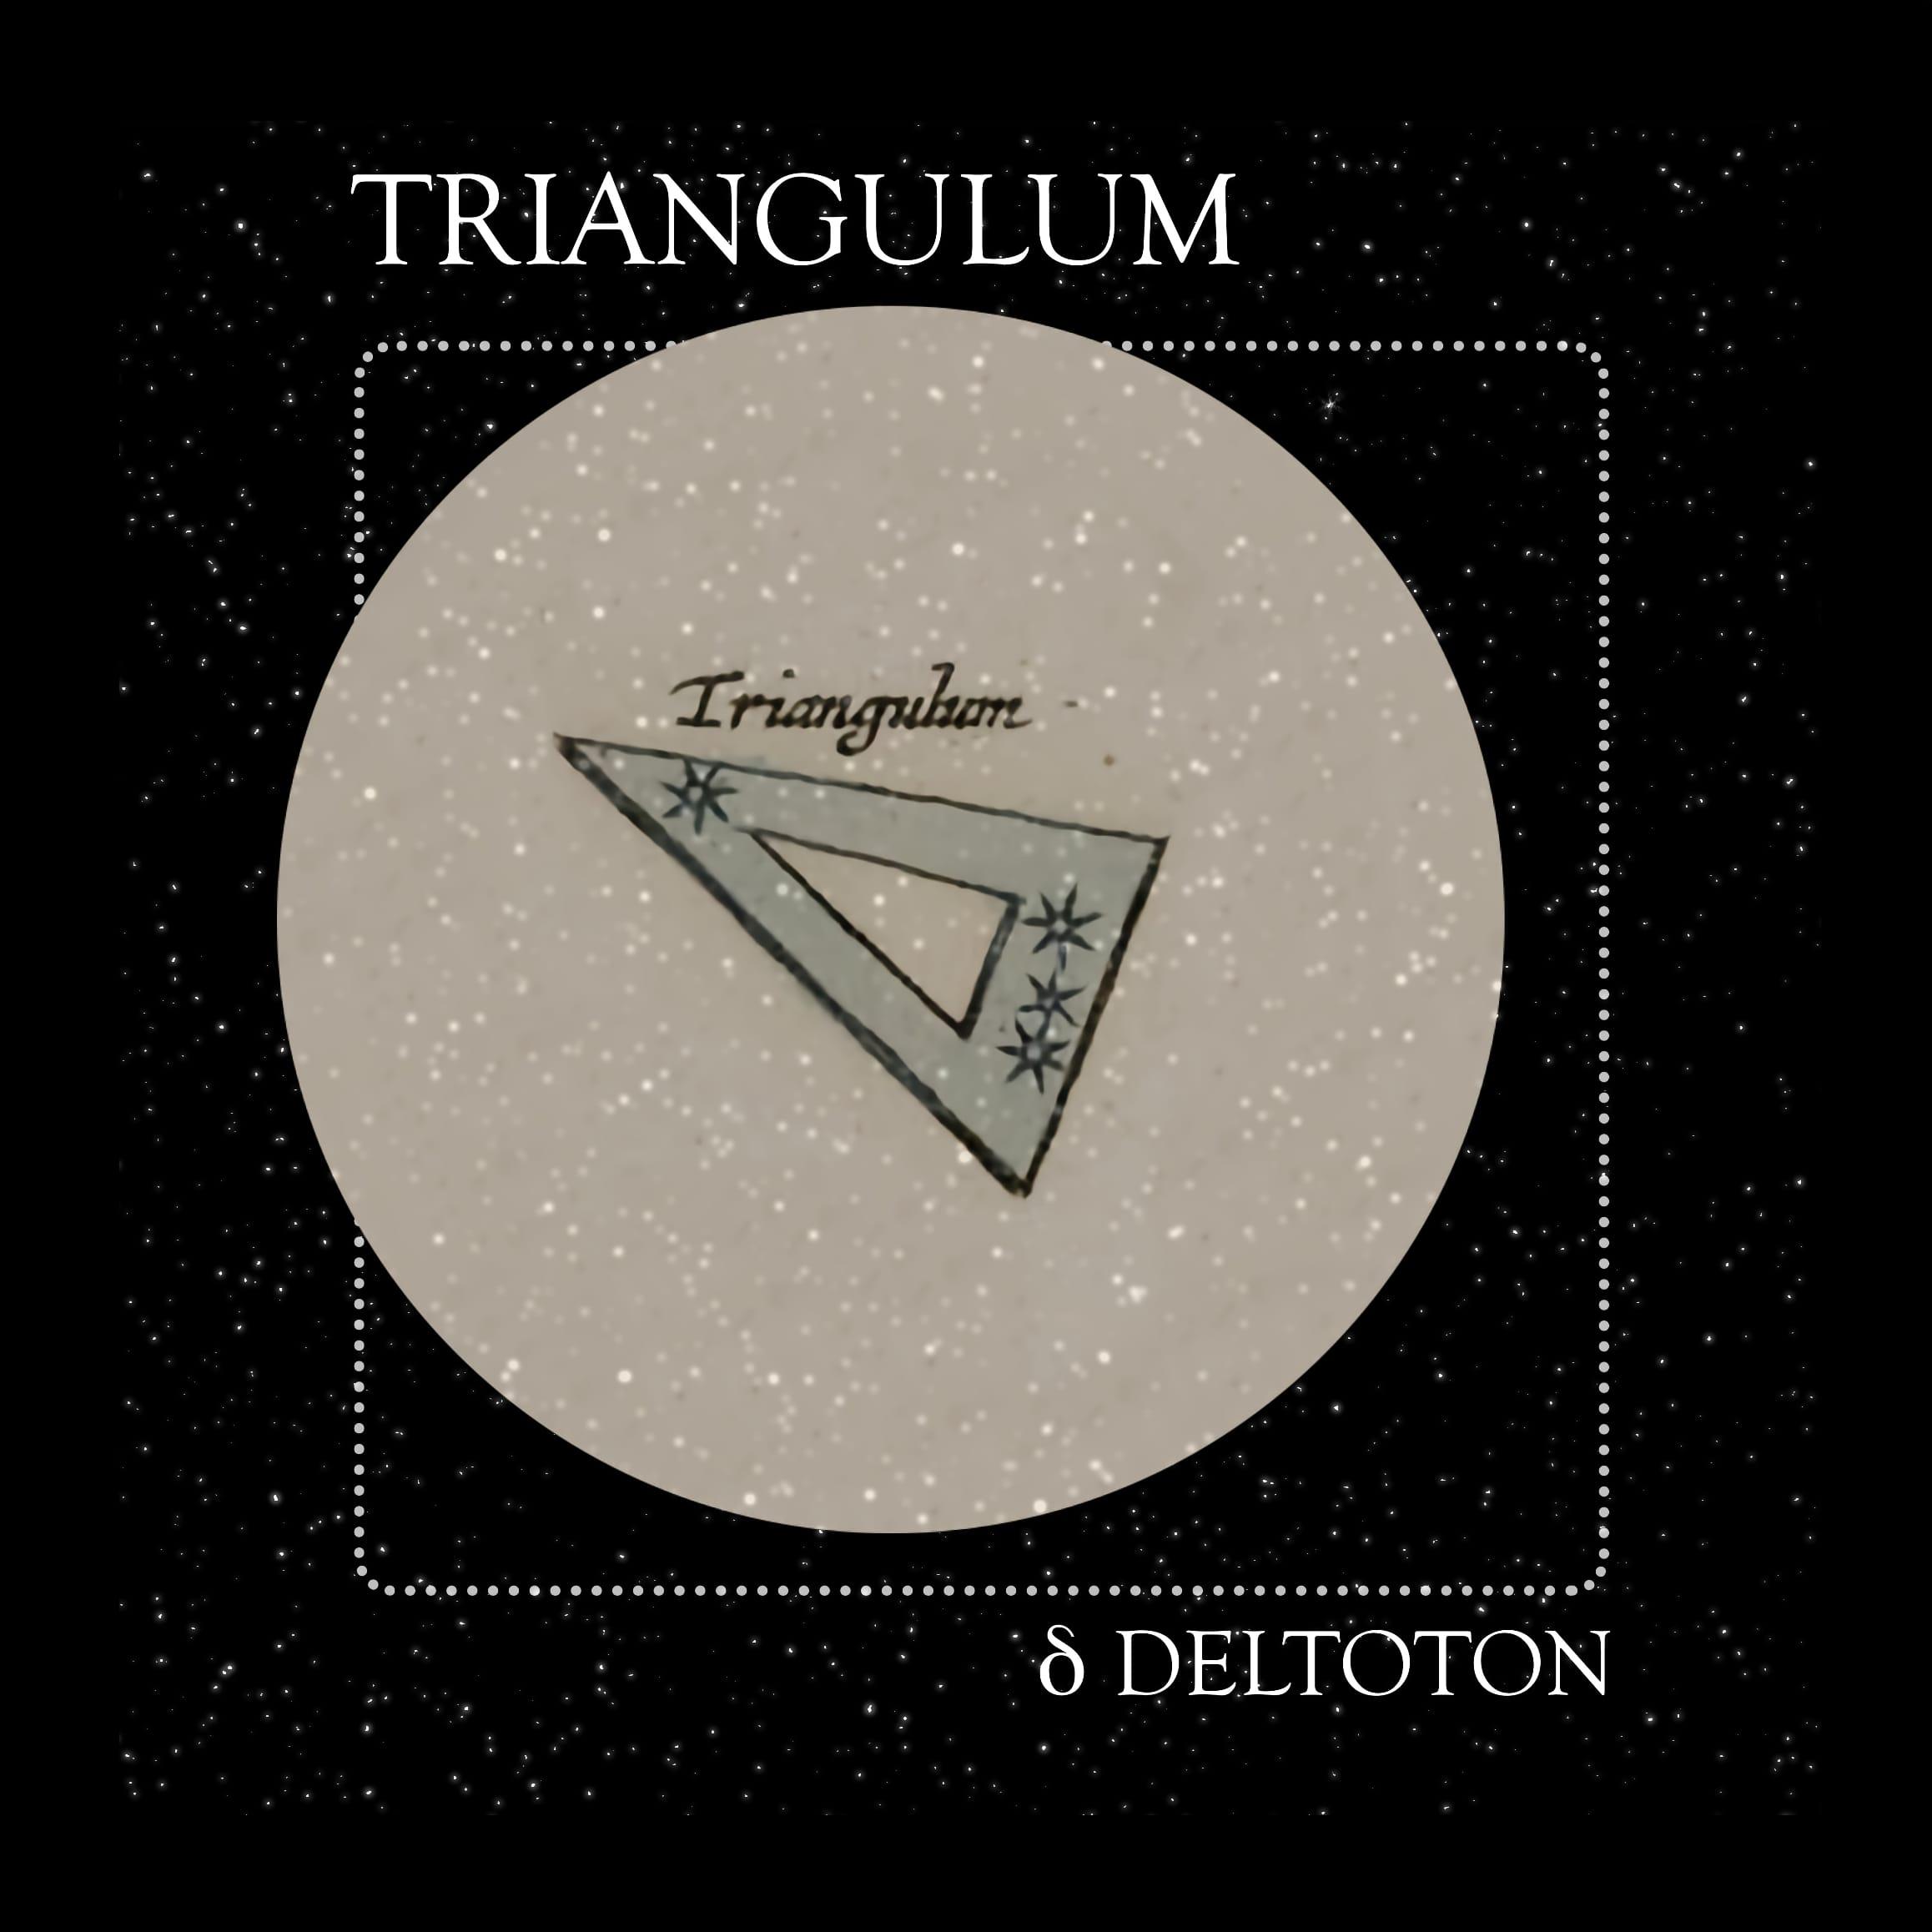 14 Deltoton: The Constellation of Triangulum